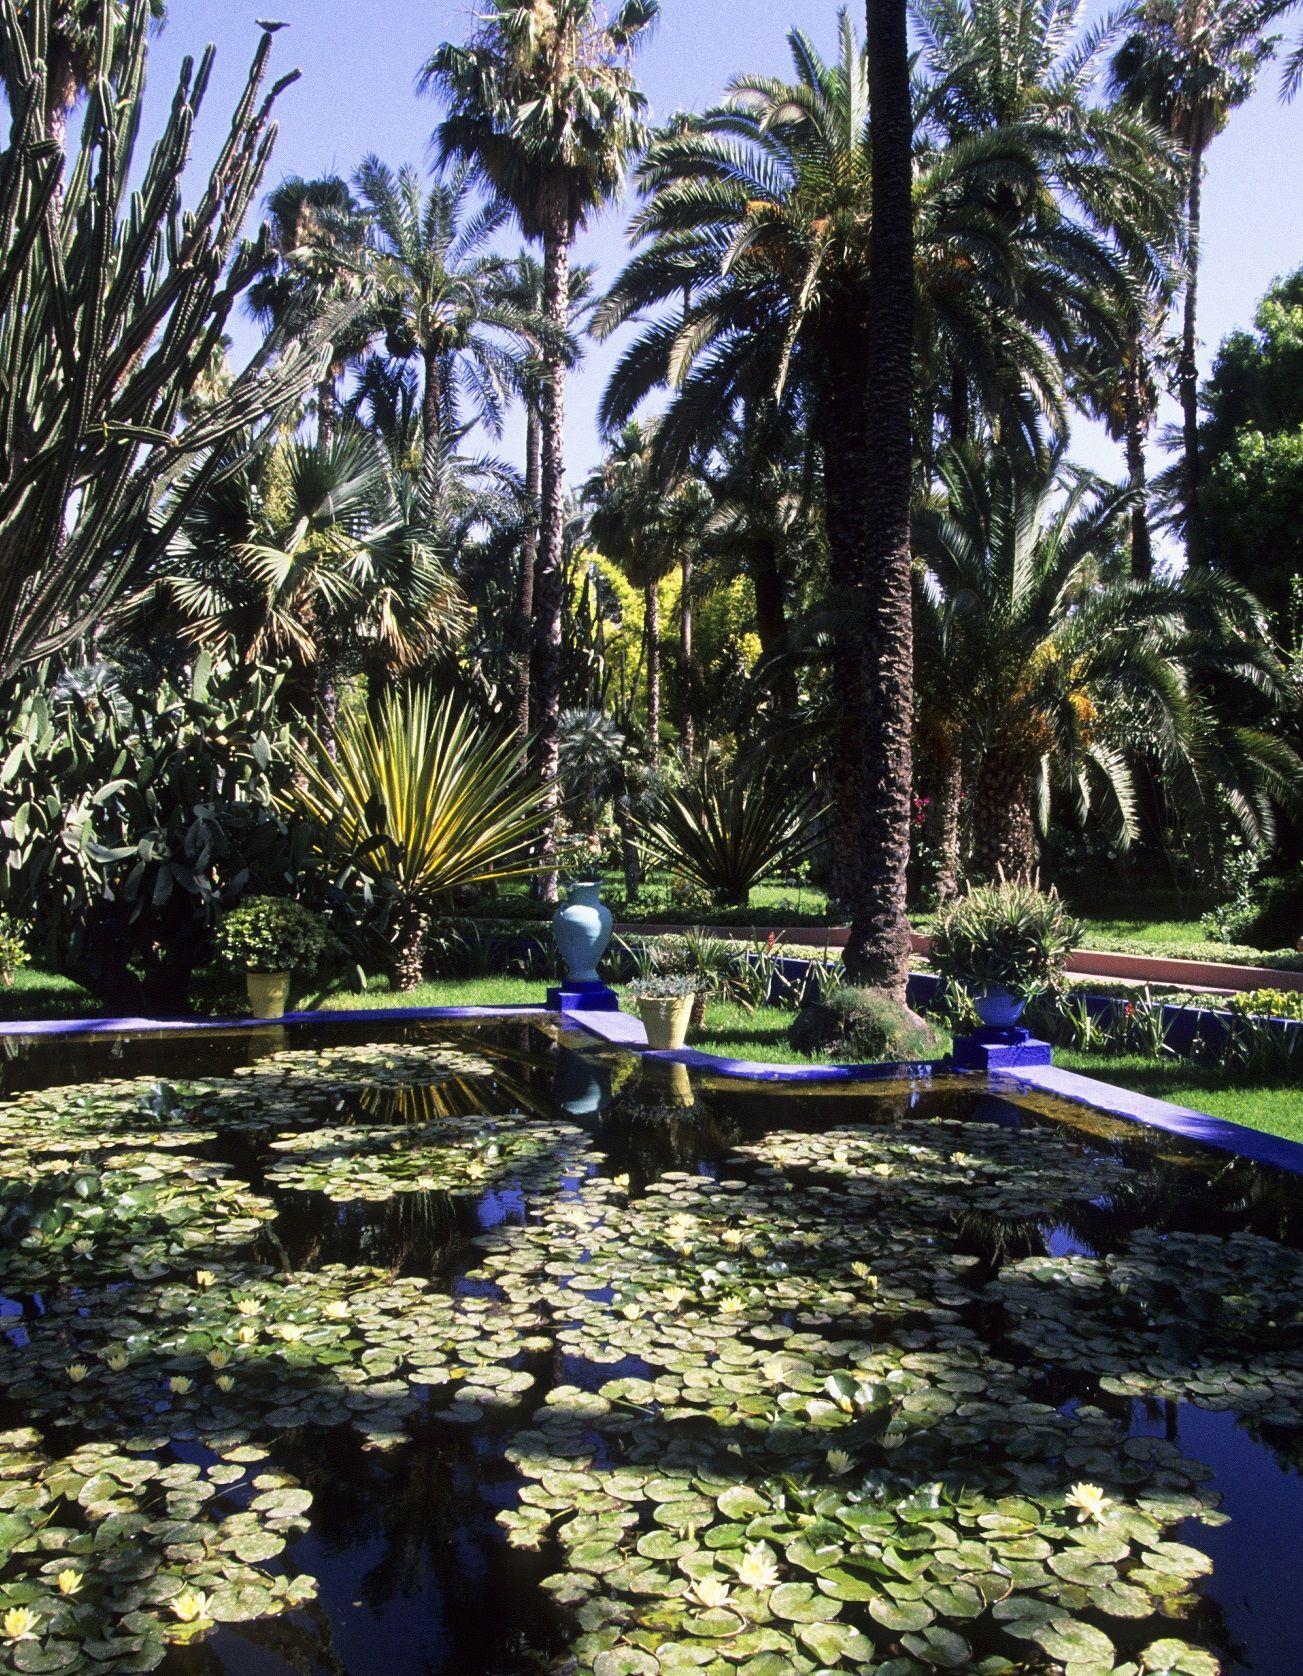 Pourquoi Le Jardin Majorelle Fait Il Toujours Autant Rever Elle